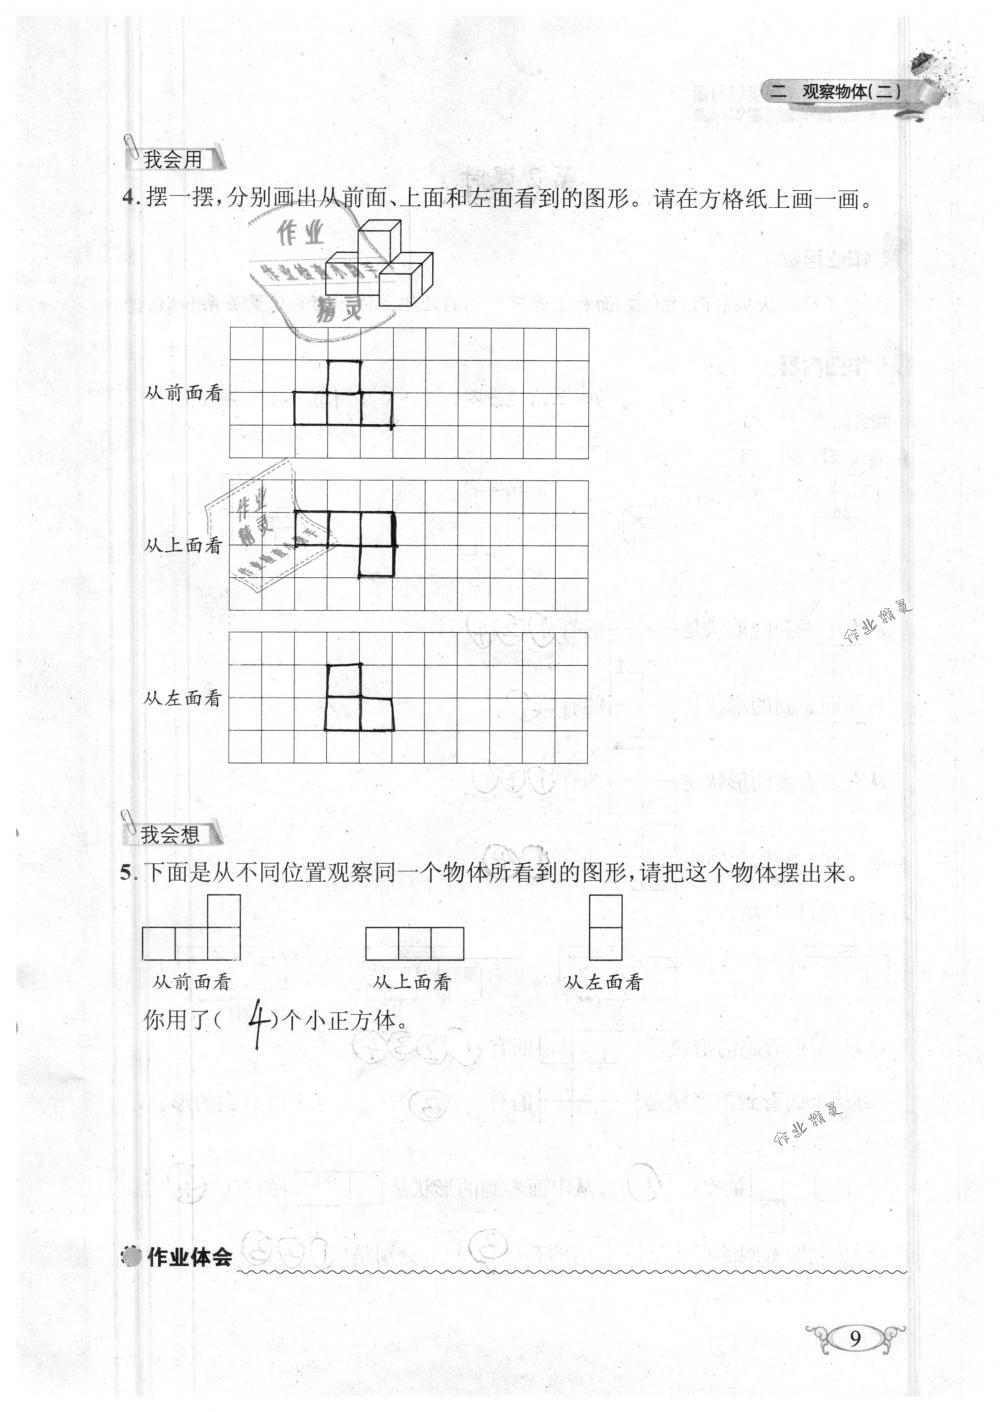 2019年长江作业本同步练习册四年级数学下册人教版参考答案第9页